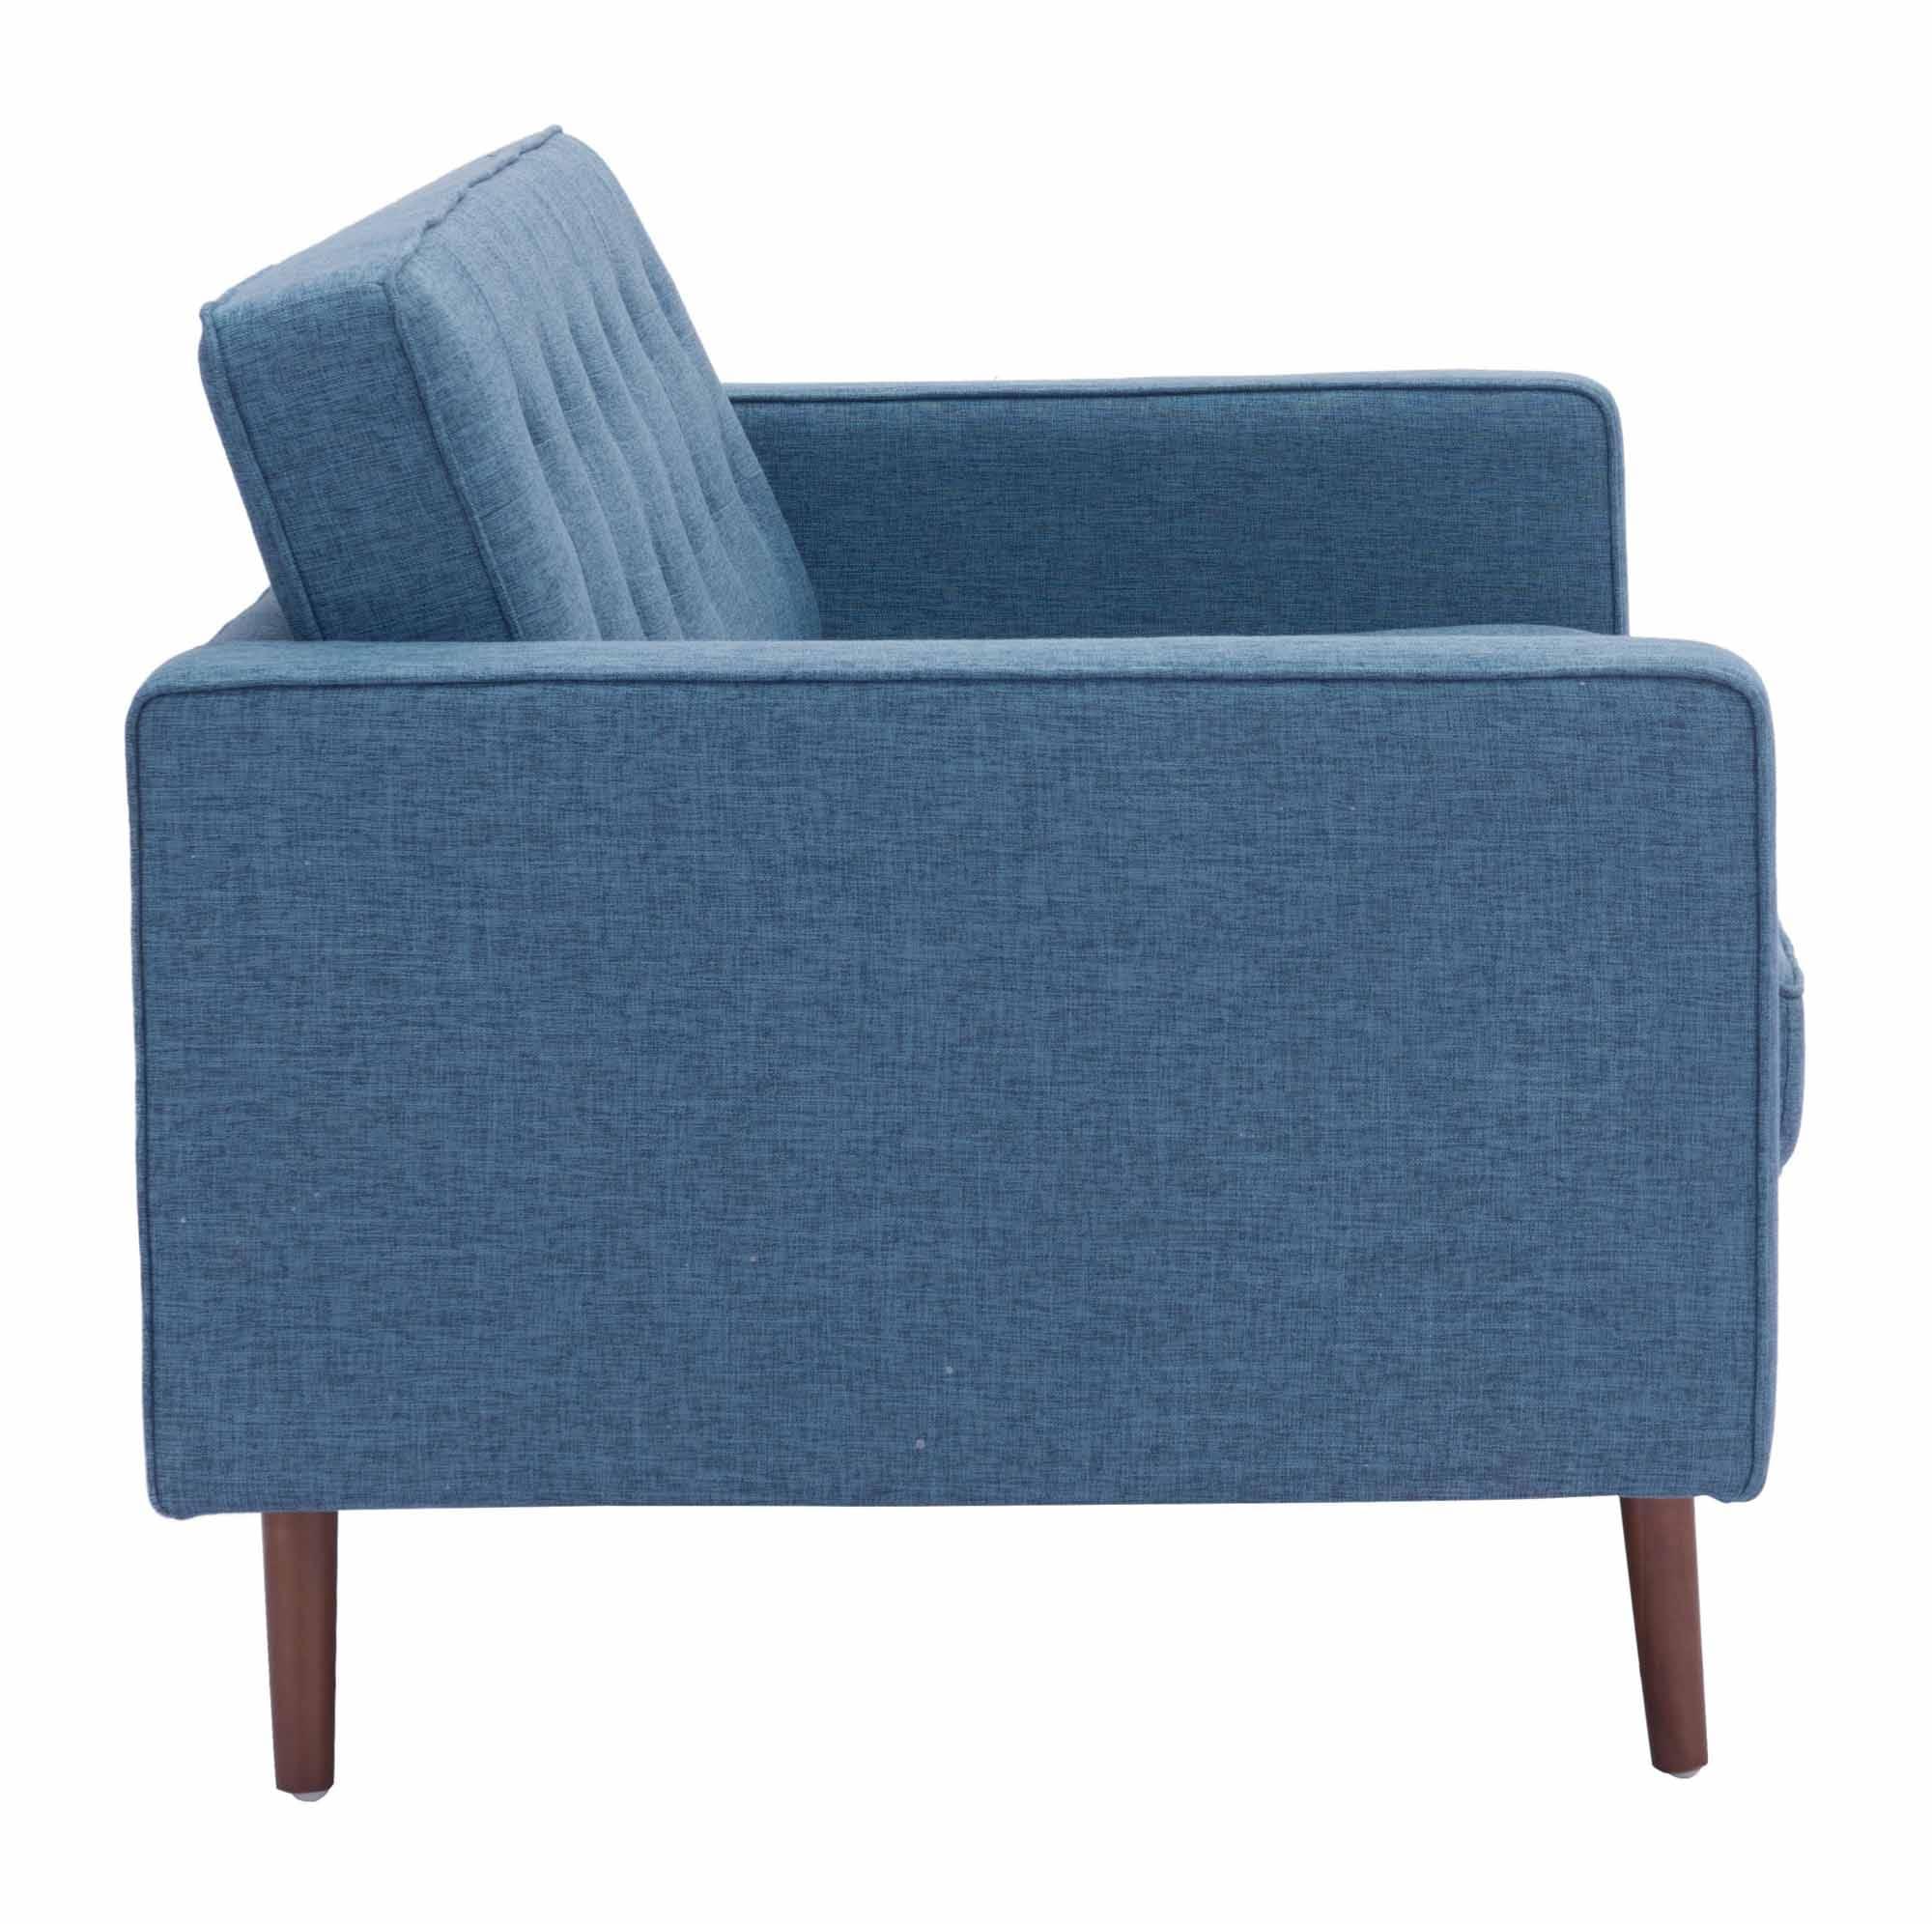 Puget Sofa Blue By Zuo Modern (Zuo Modern)